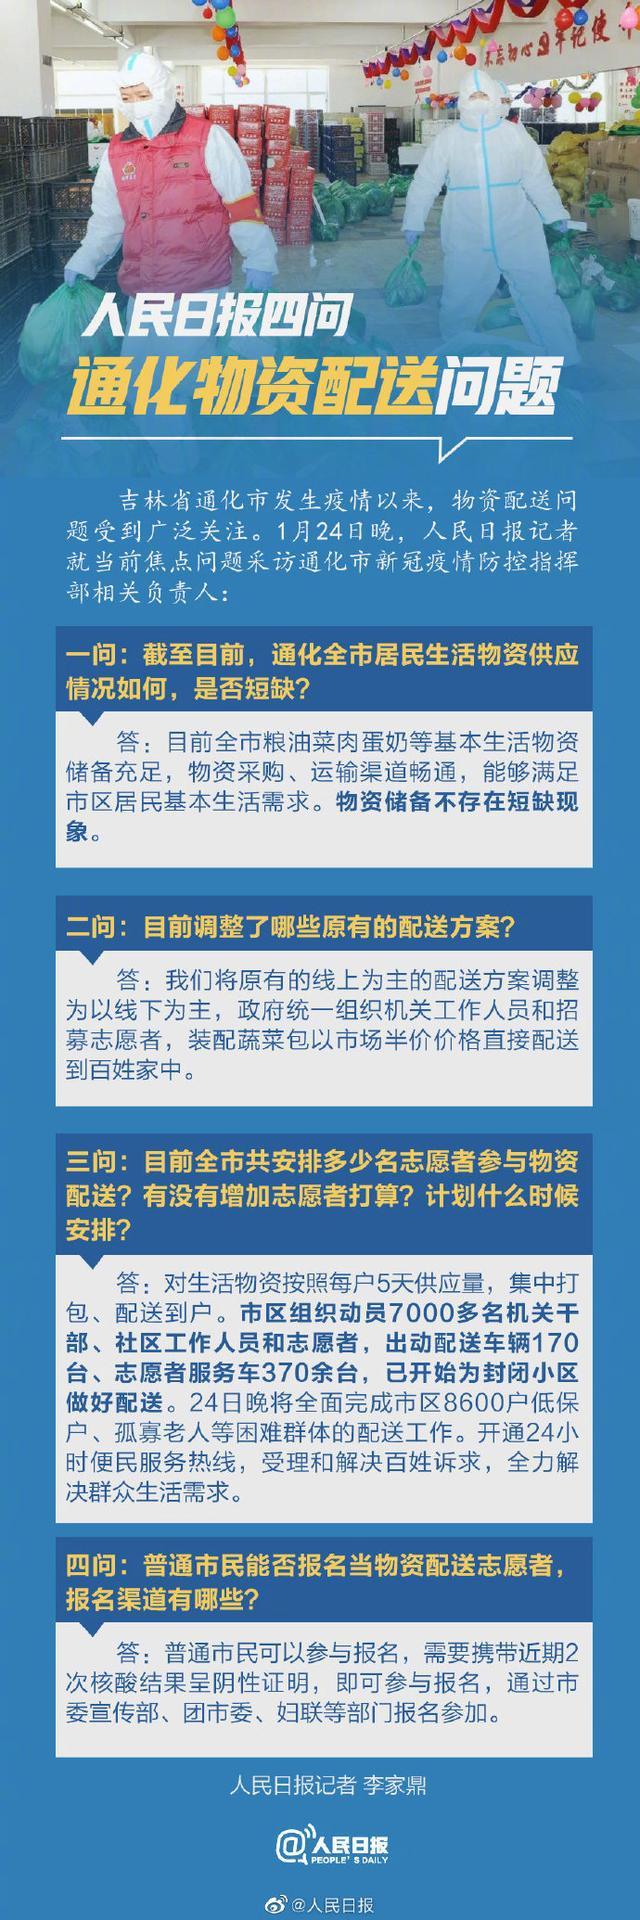 人民日报四问吉林省通化物资配送问题,当地回应